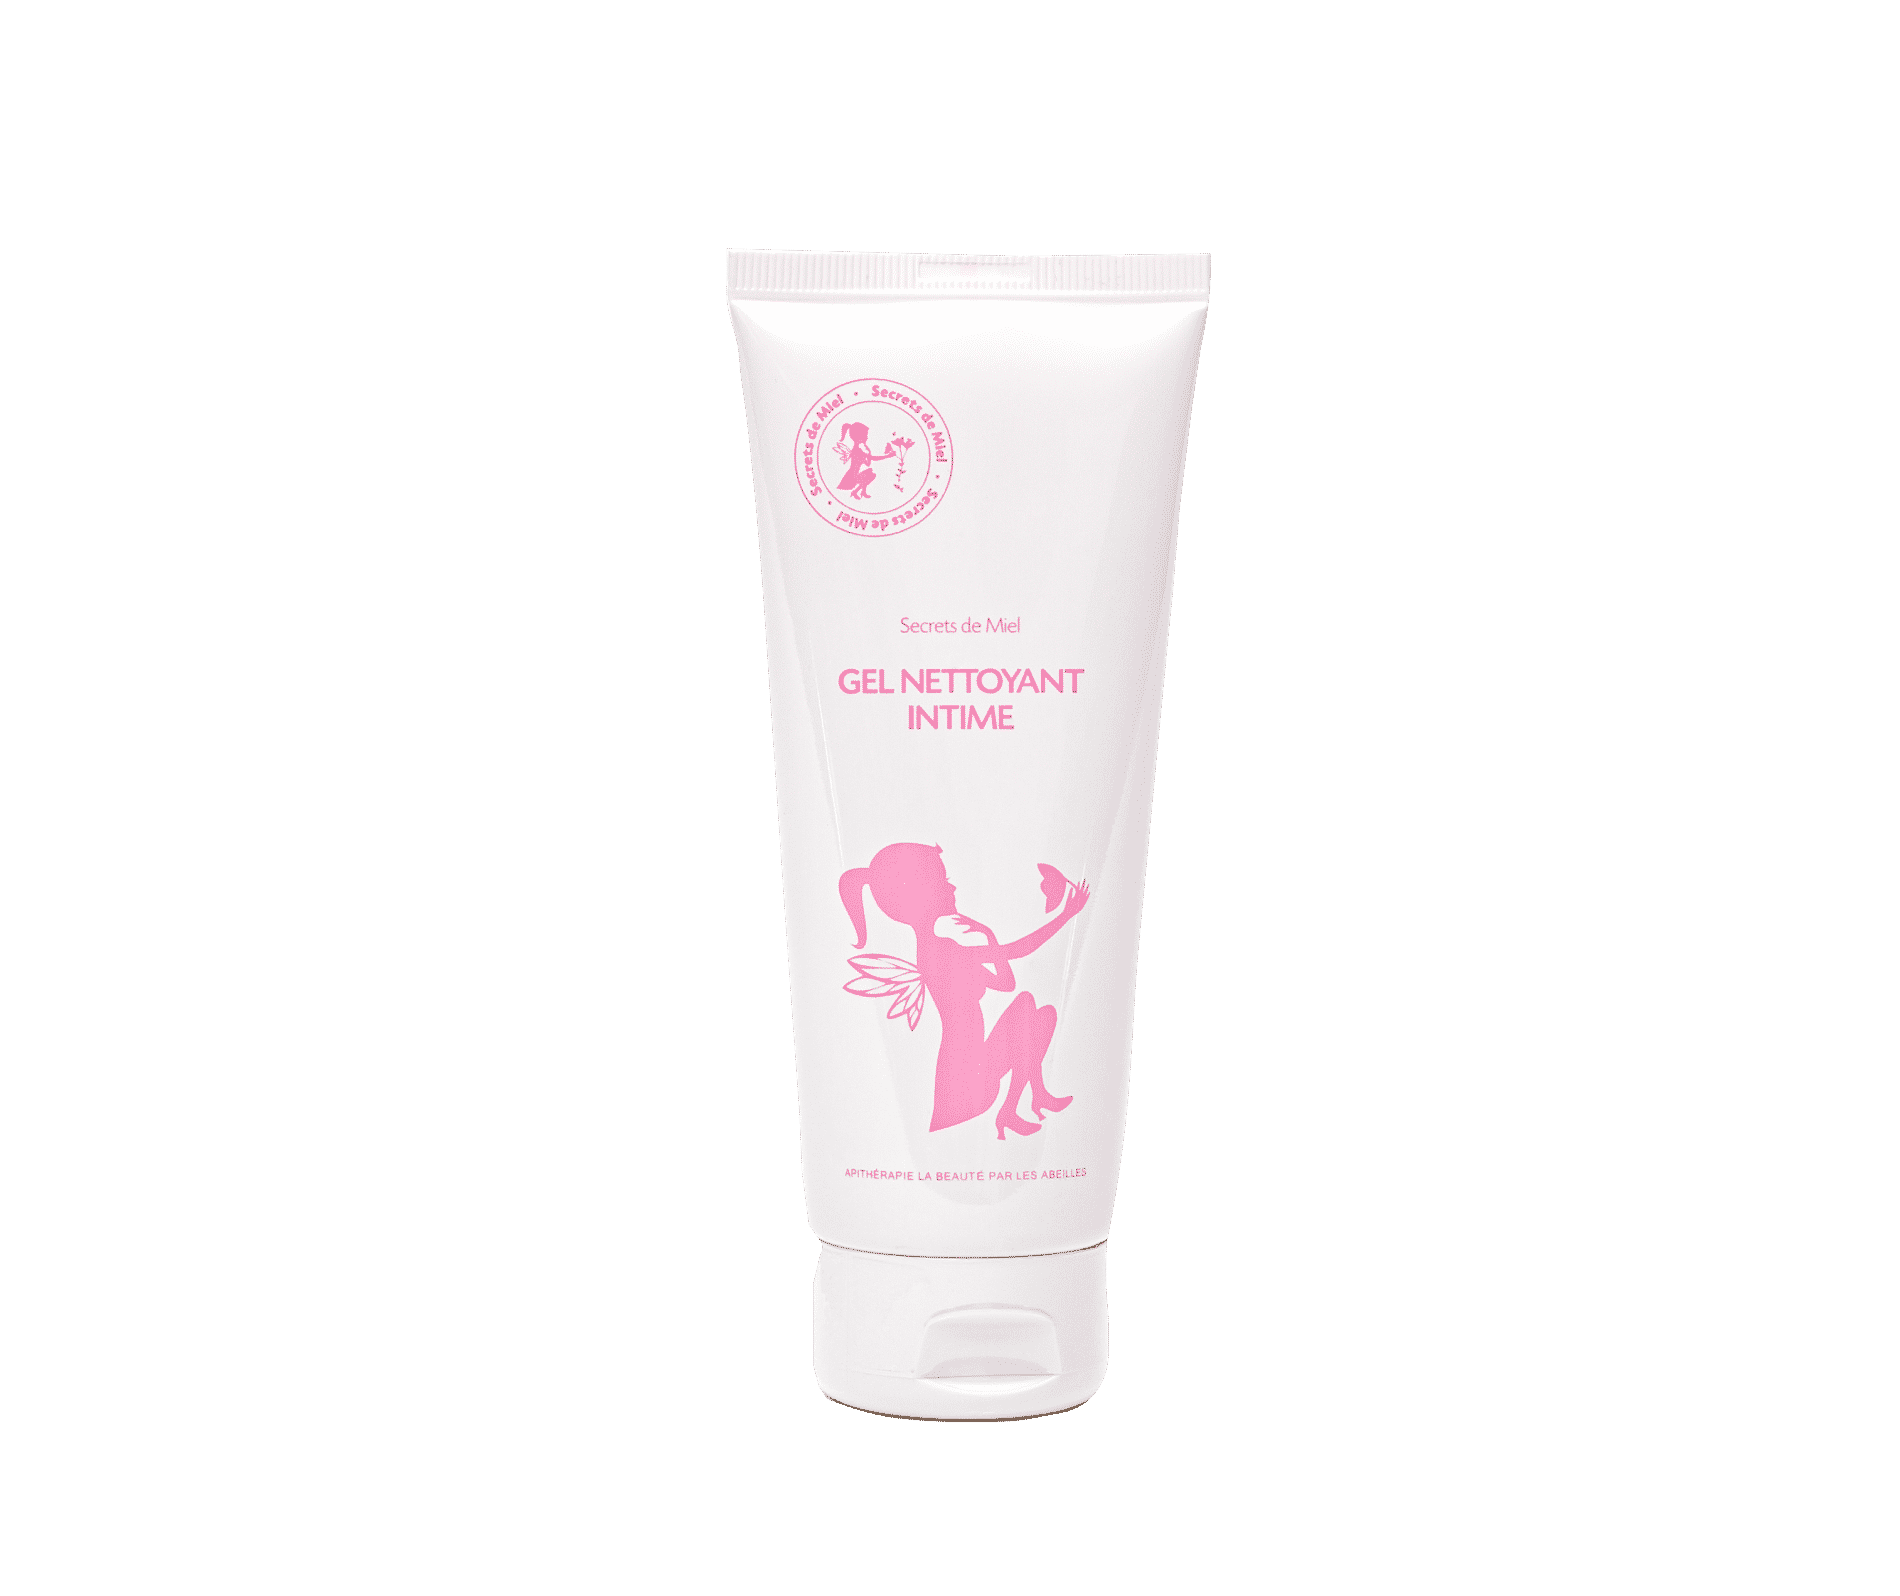 Gel nettoyant intime - produits naturels - propreté - hygiène féminine - Secrets de Miel